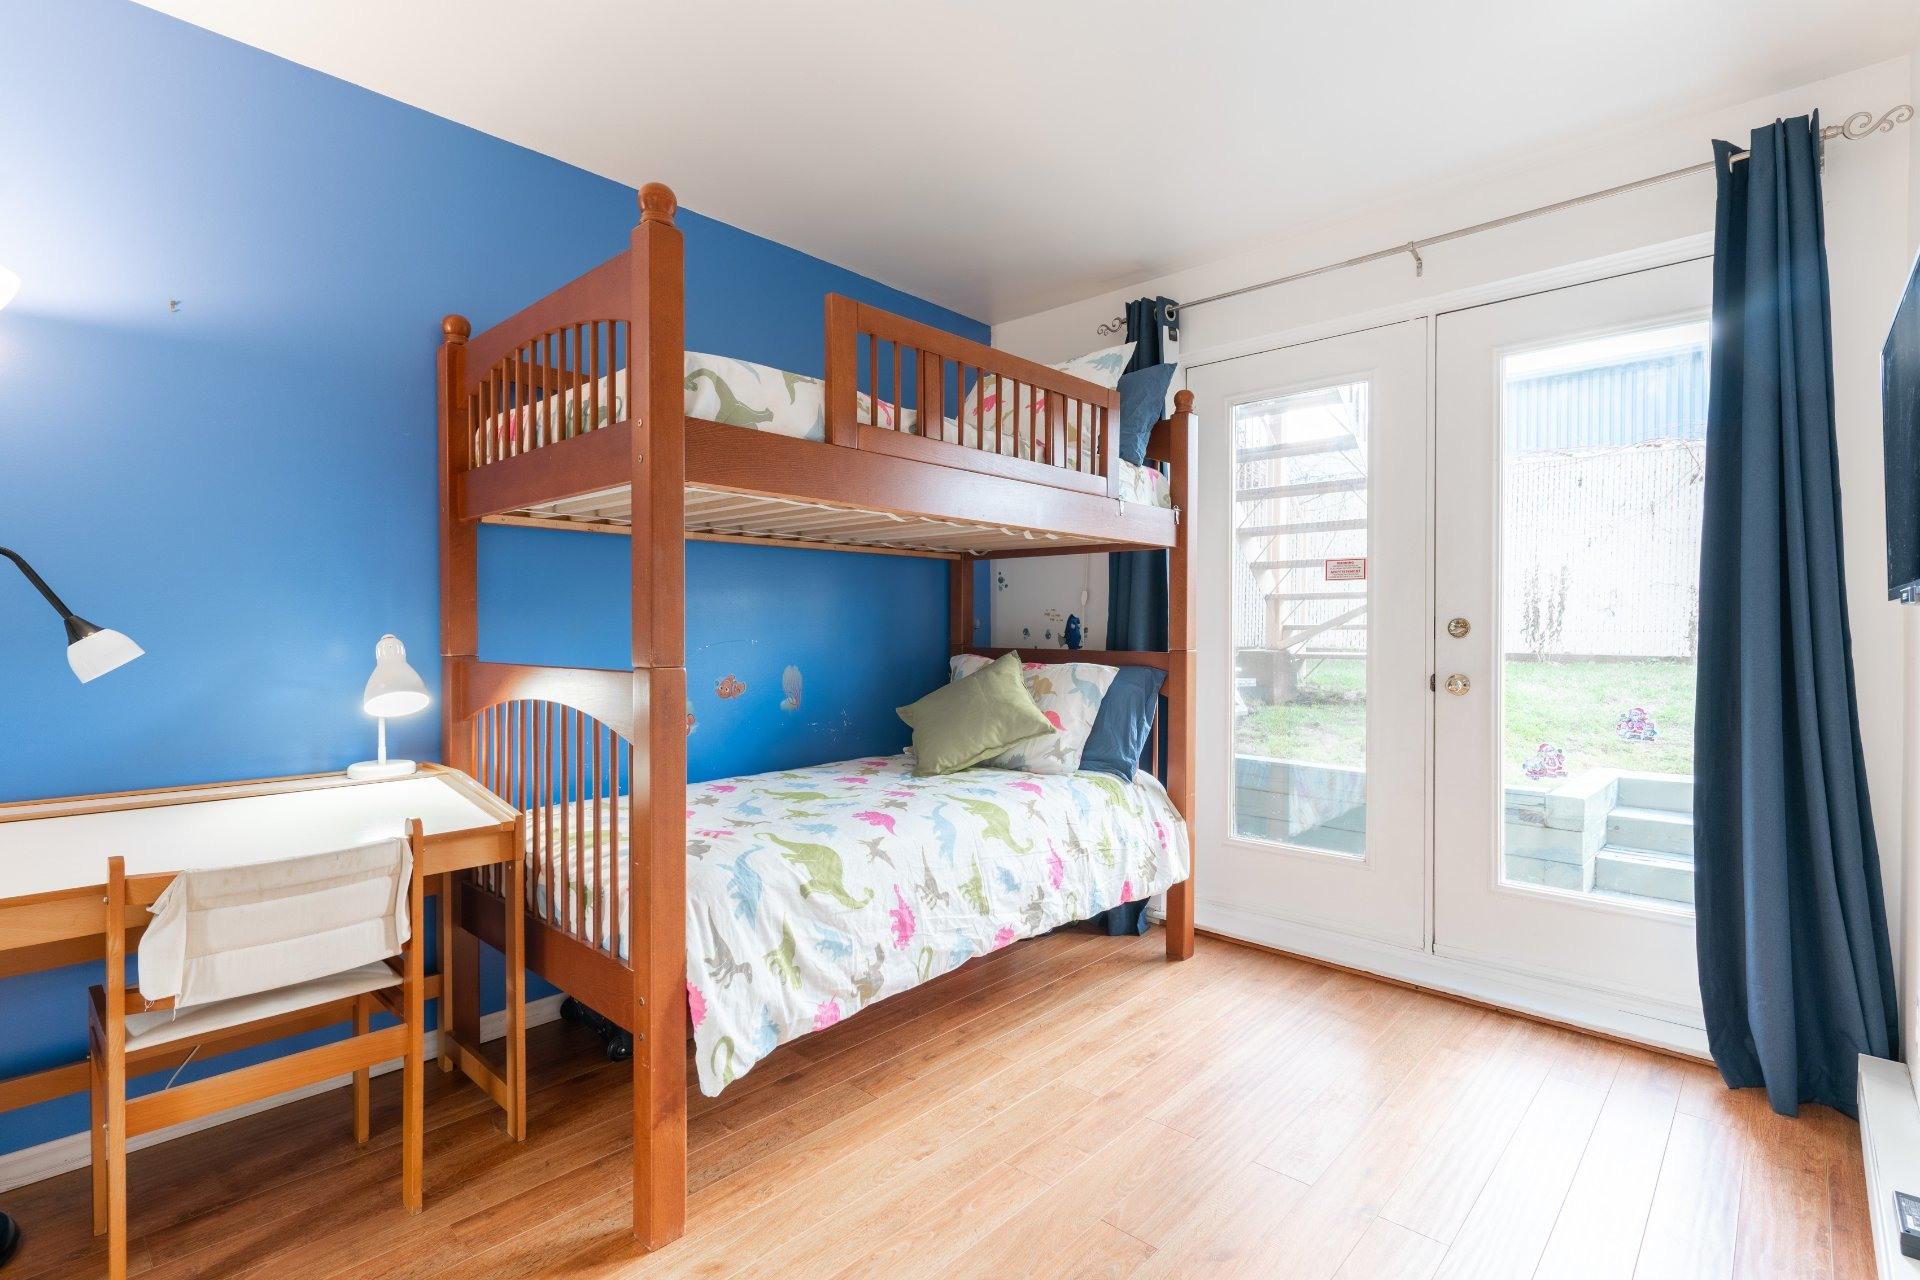 image 9 - Appartement À vendre Saint-Léonard Montréal  - 6 pièces